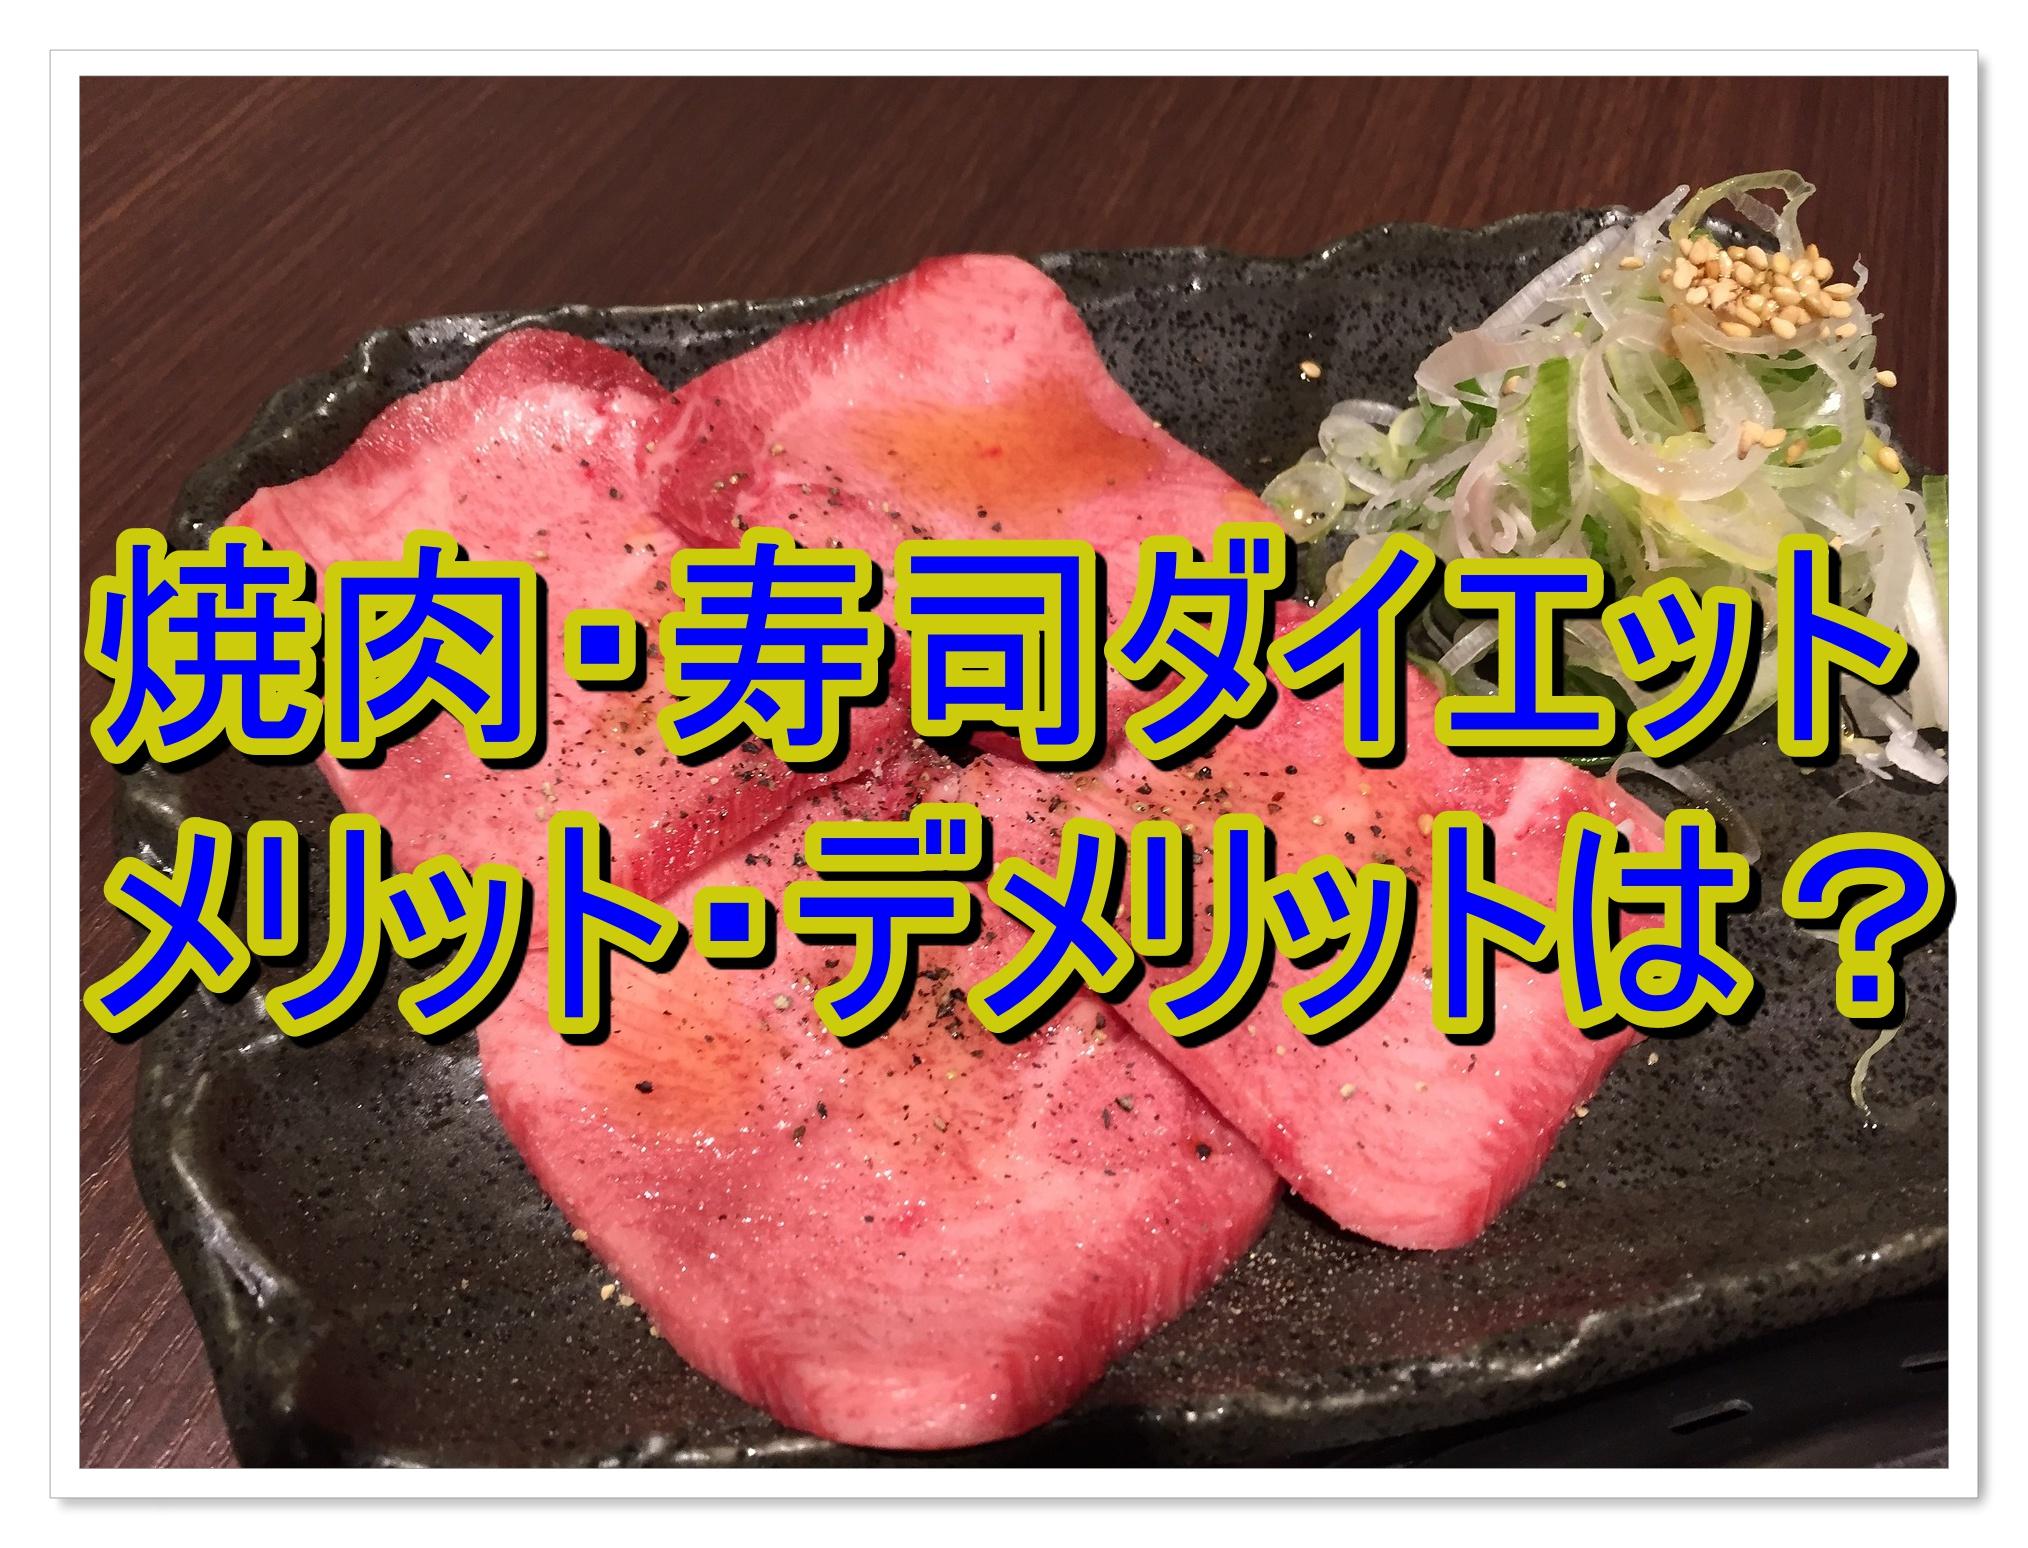 異色の焼肉・寿司ダイエット!メリット・デメリットは?